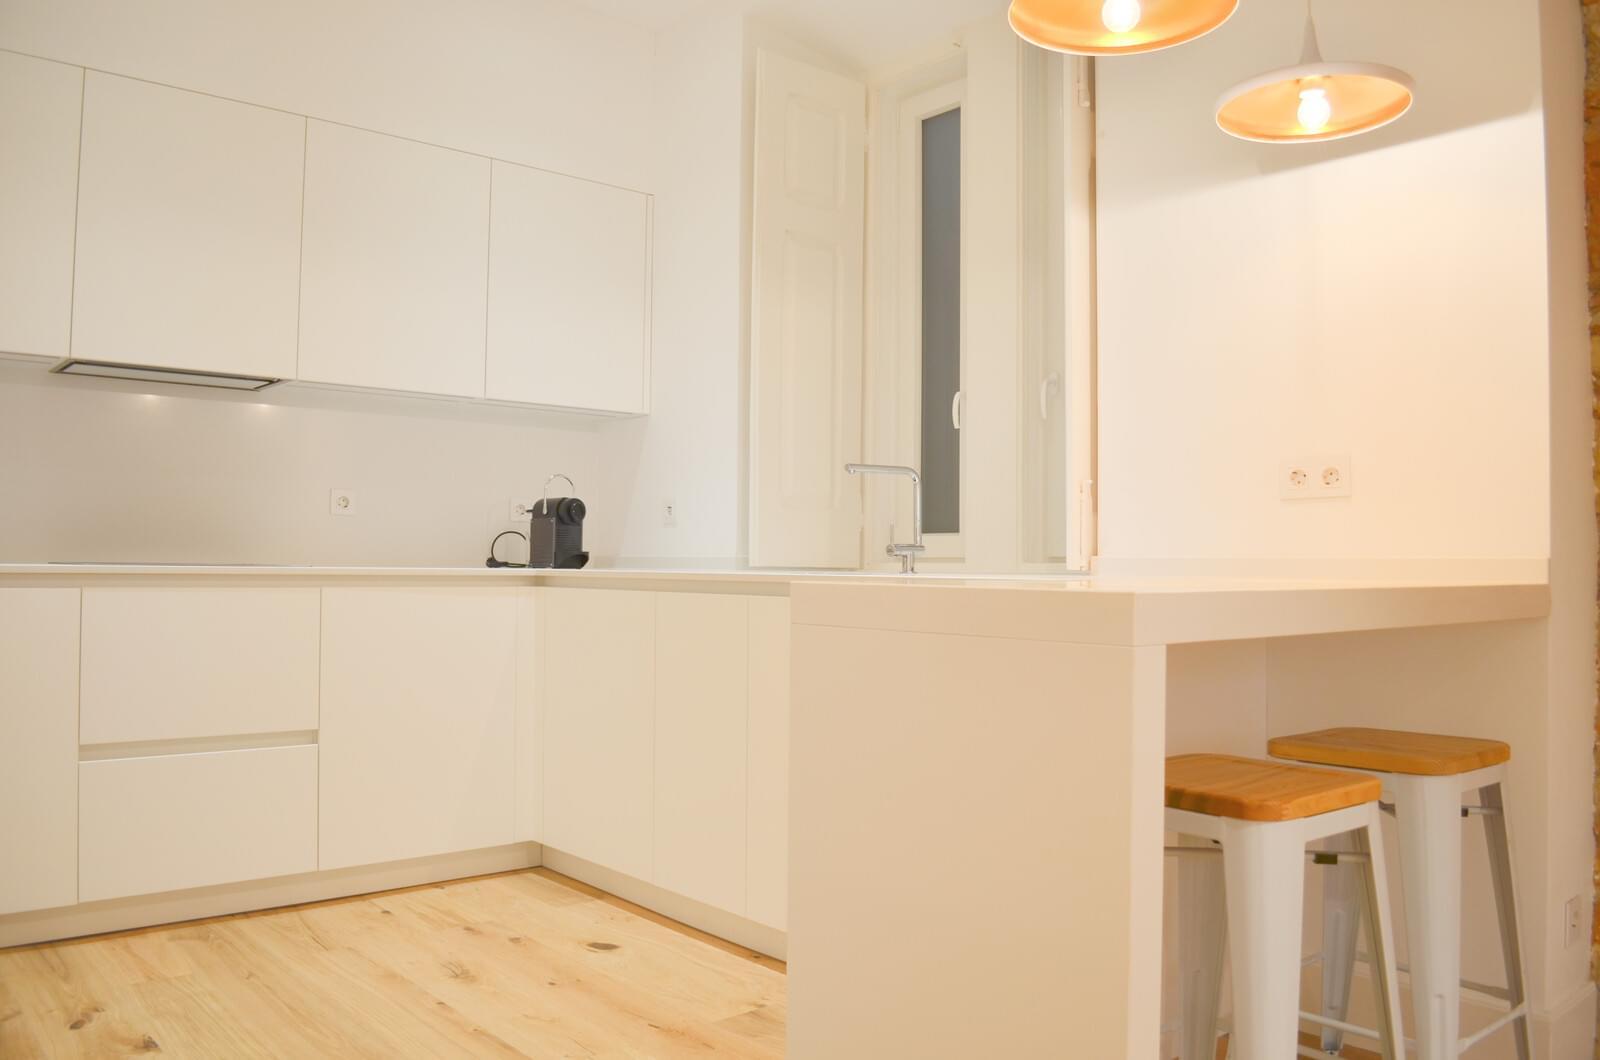 pf18801-apartamento-t2-lisboa-290a0eac-5a7a-4492-8f7d-aa58516af204